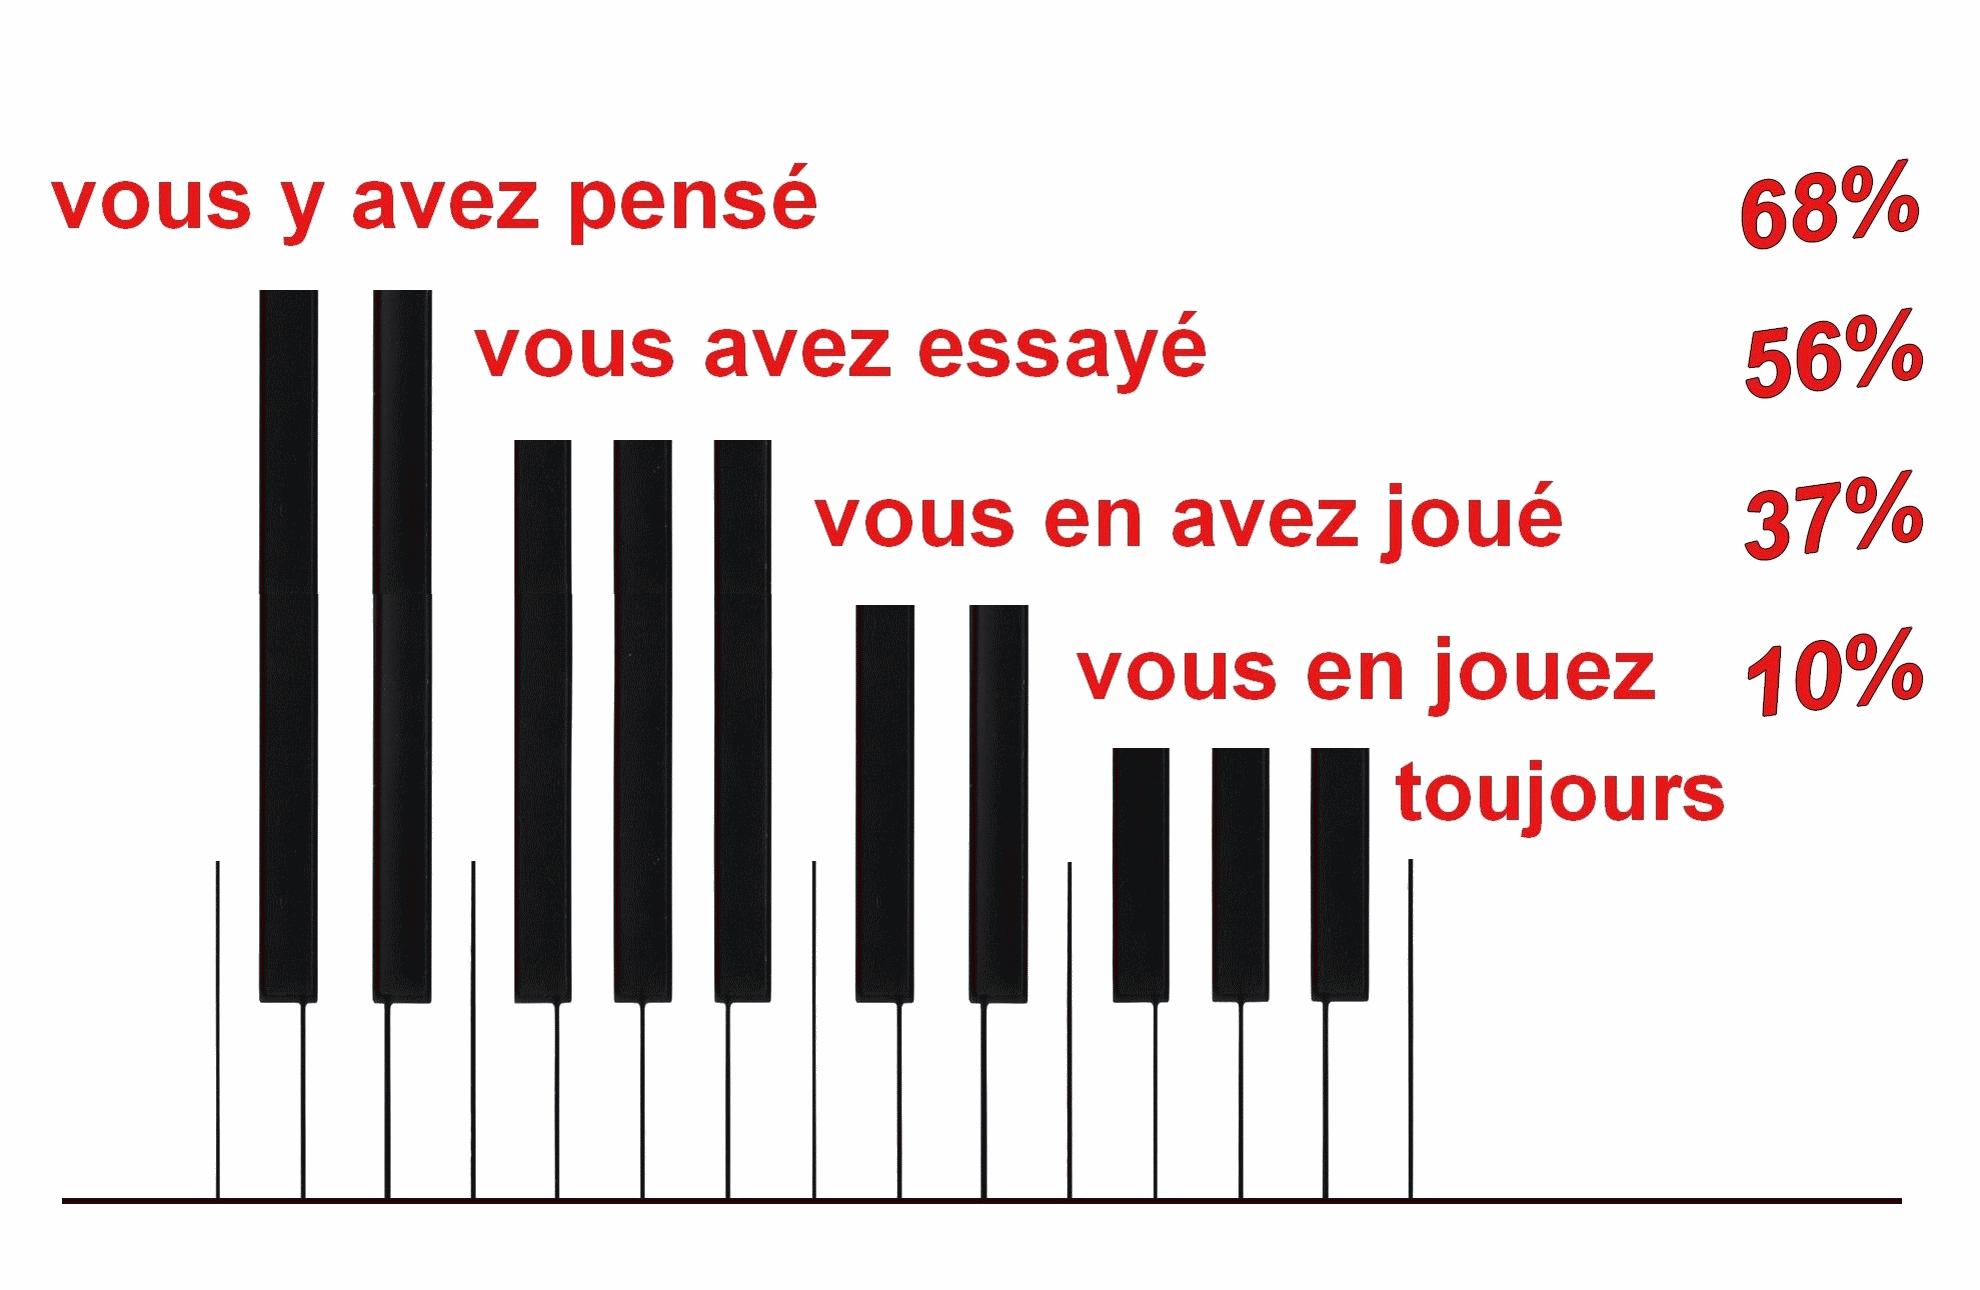 Paul Staicu - UNE VIE DE PIANISTE - Sondage BVA